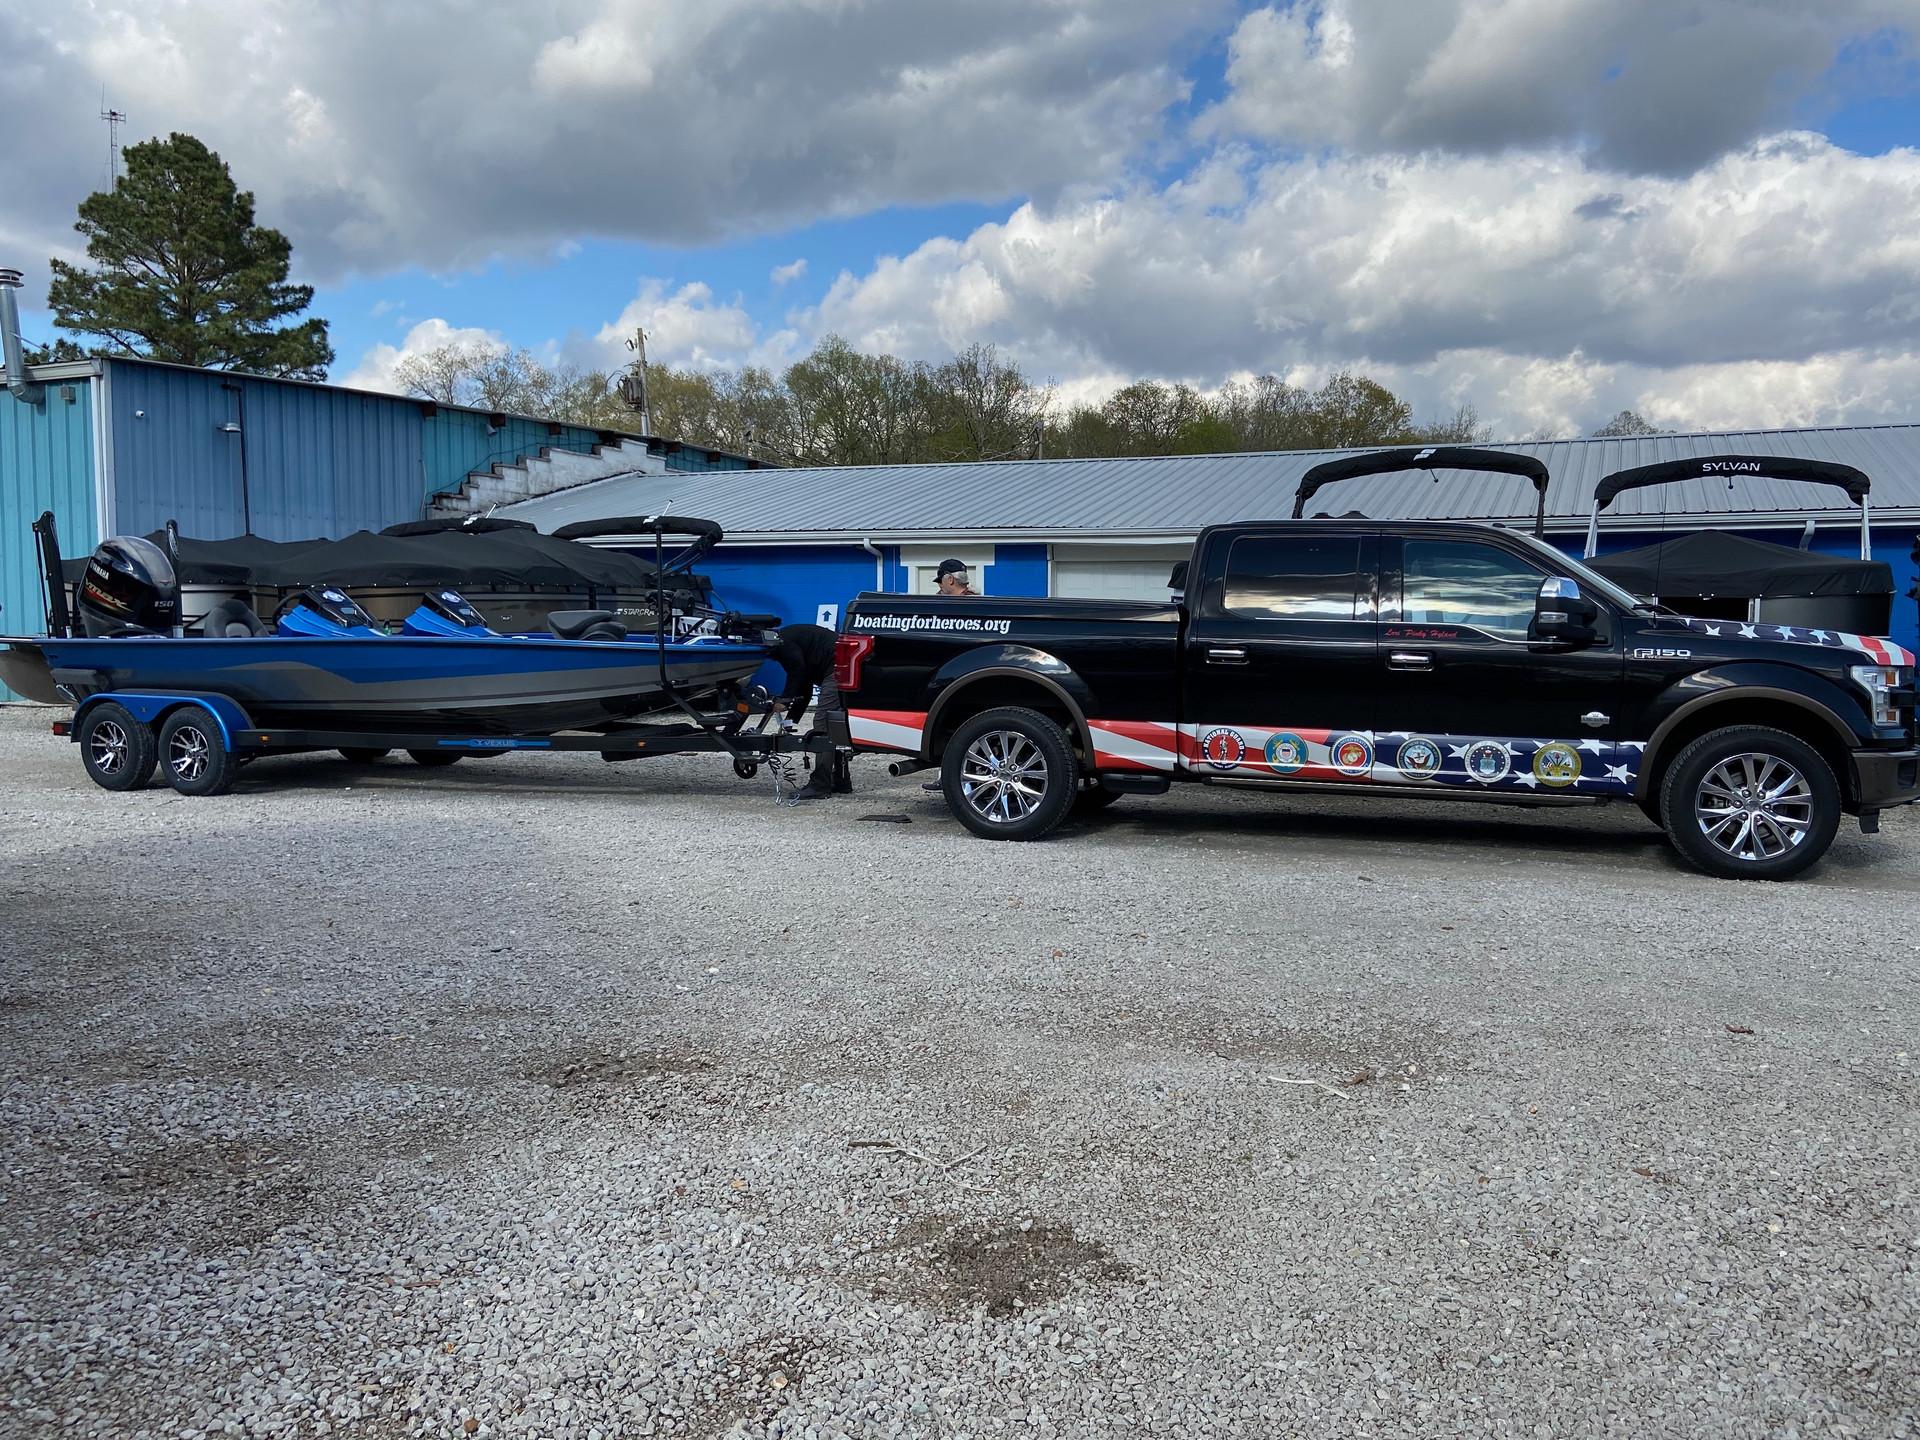 New Boat 6.jpeg